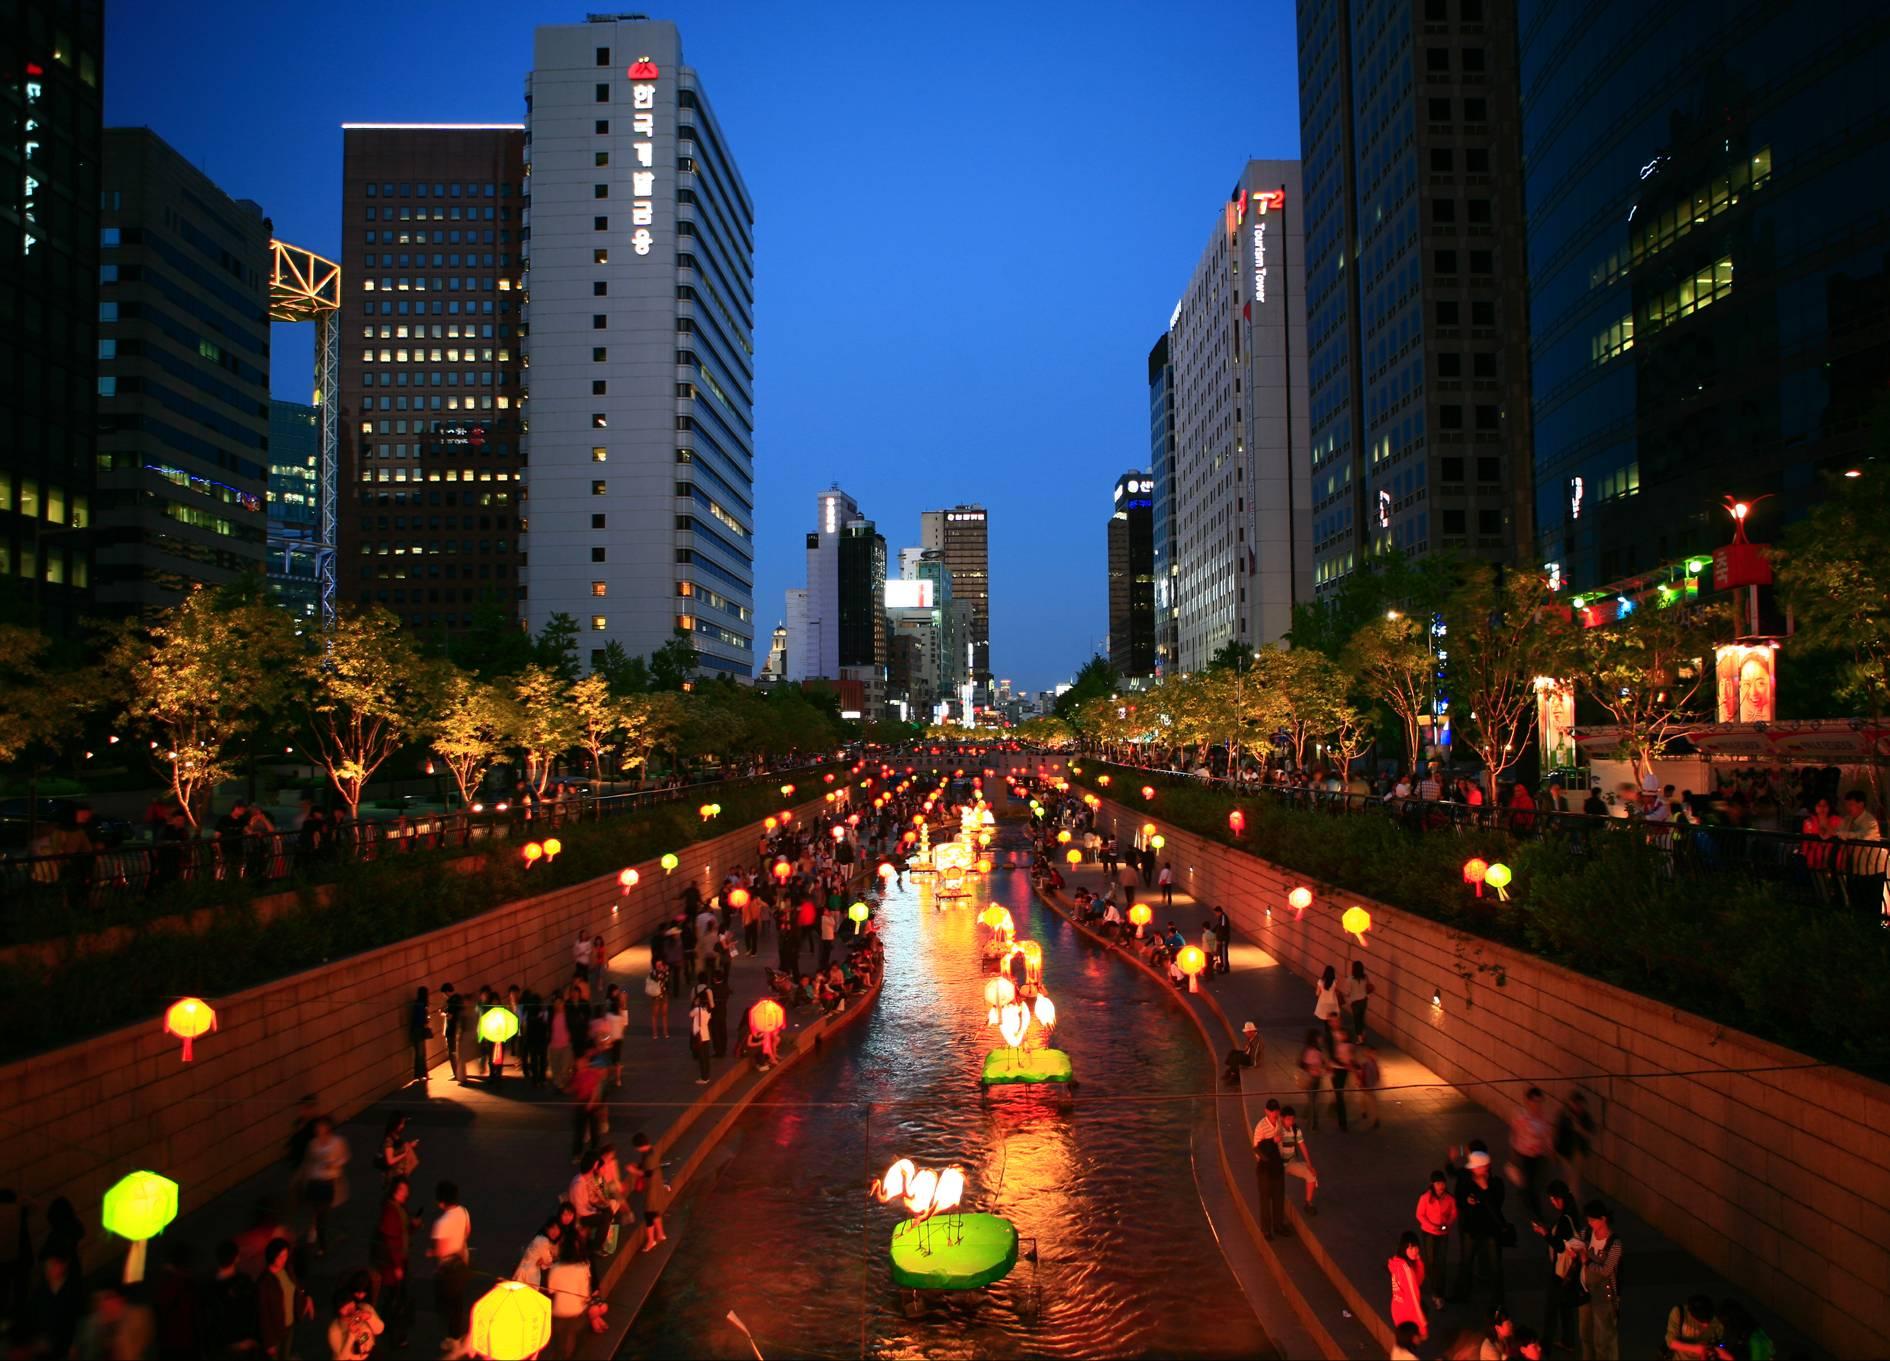 nightlife seoul korea .